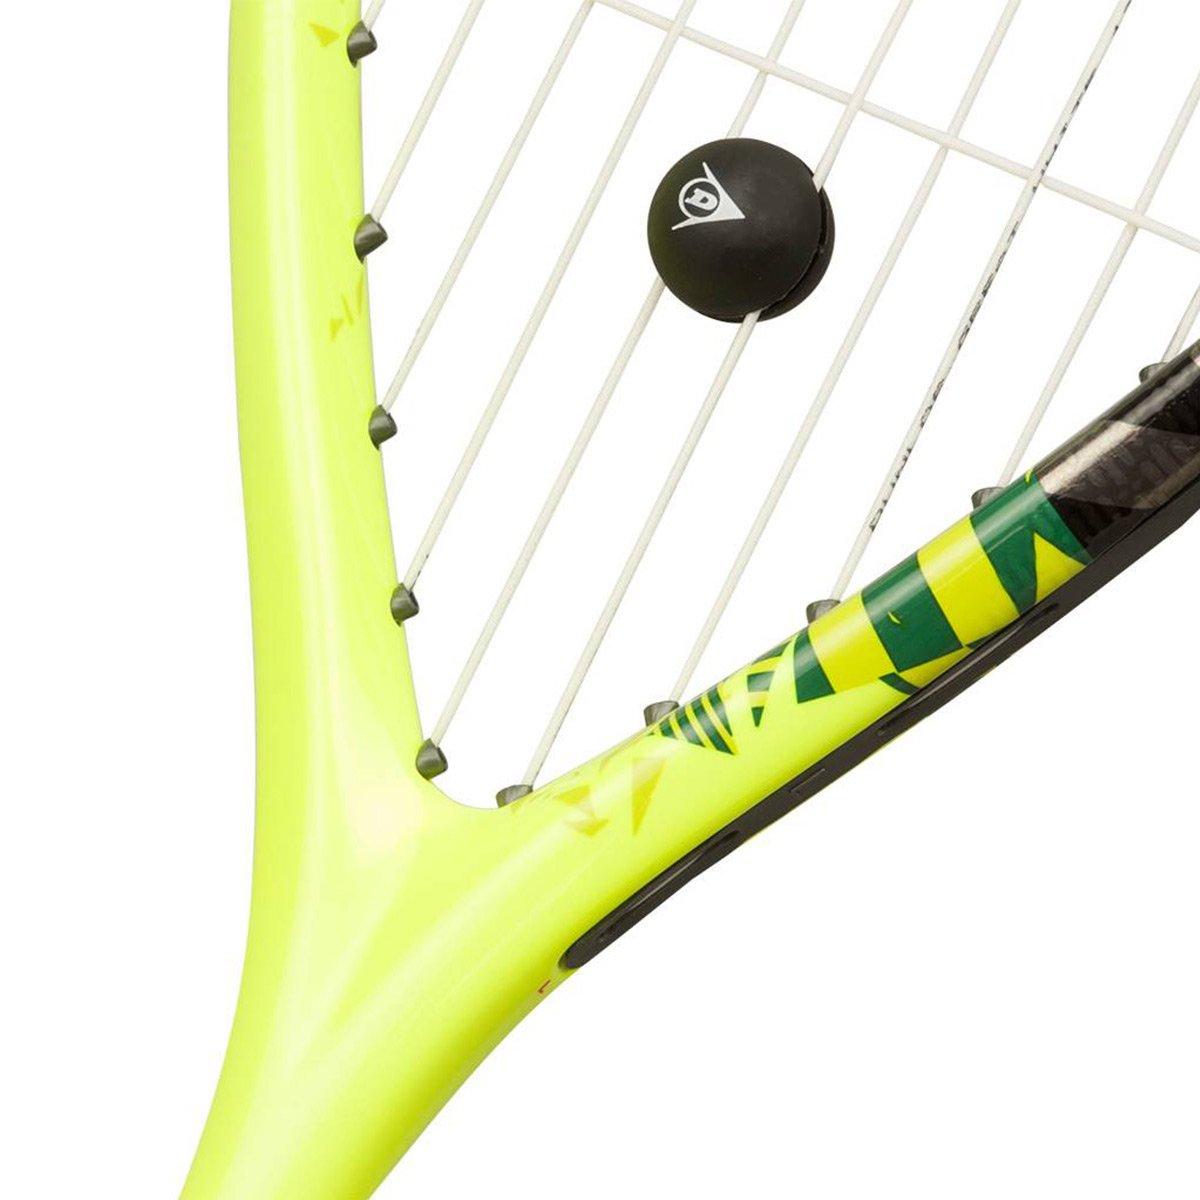 Amazon.com : Dunlop Force Revelation 125 Squash Racquet : Sports & Outdoors